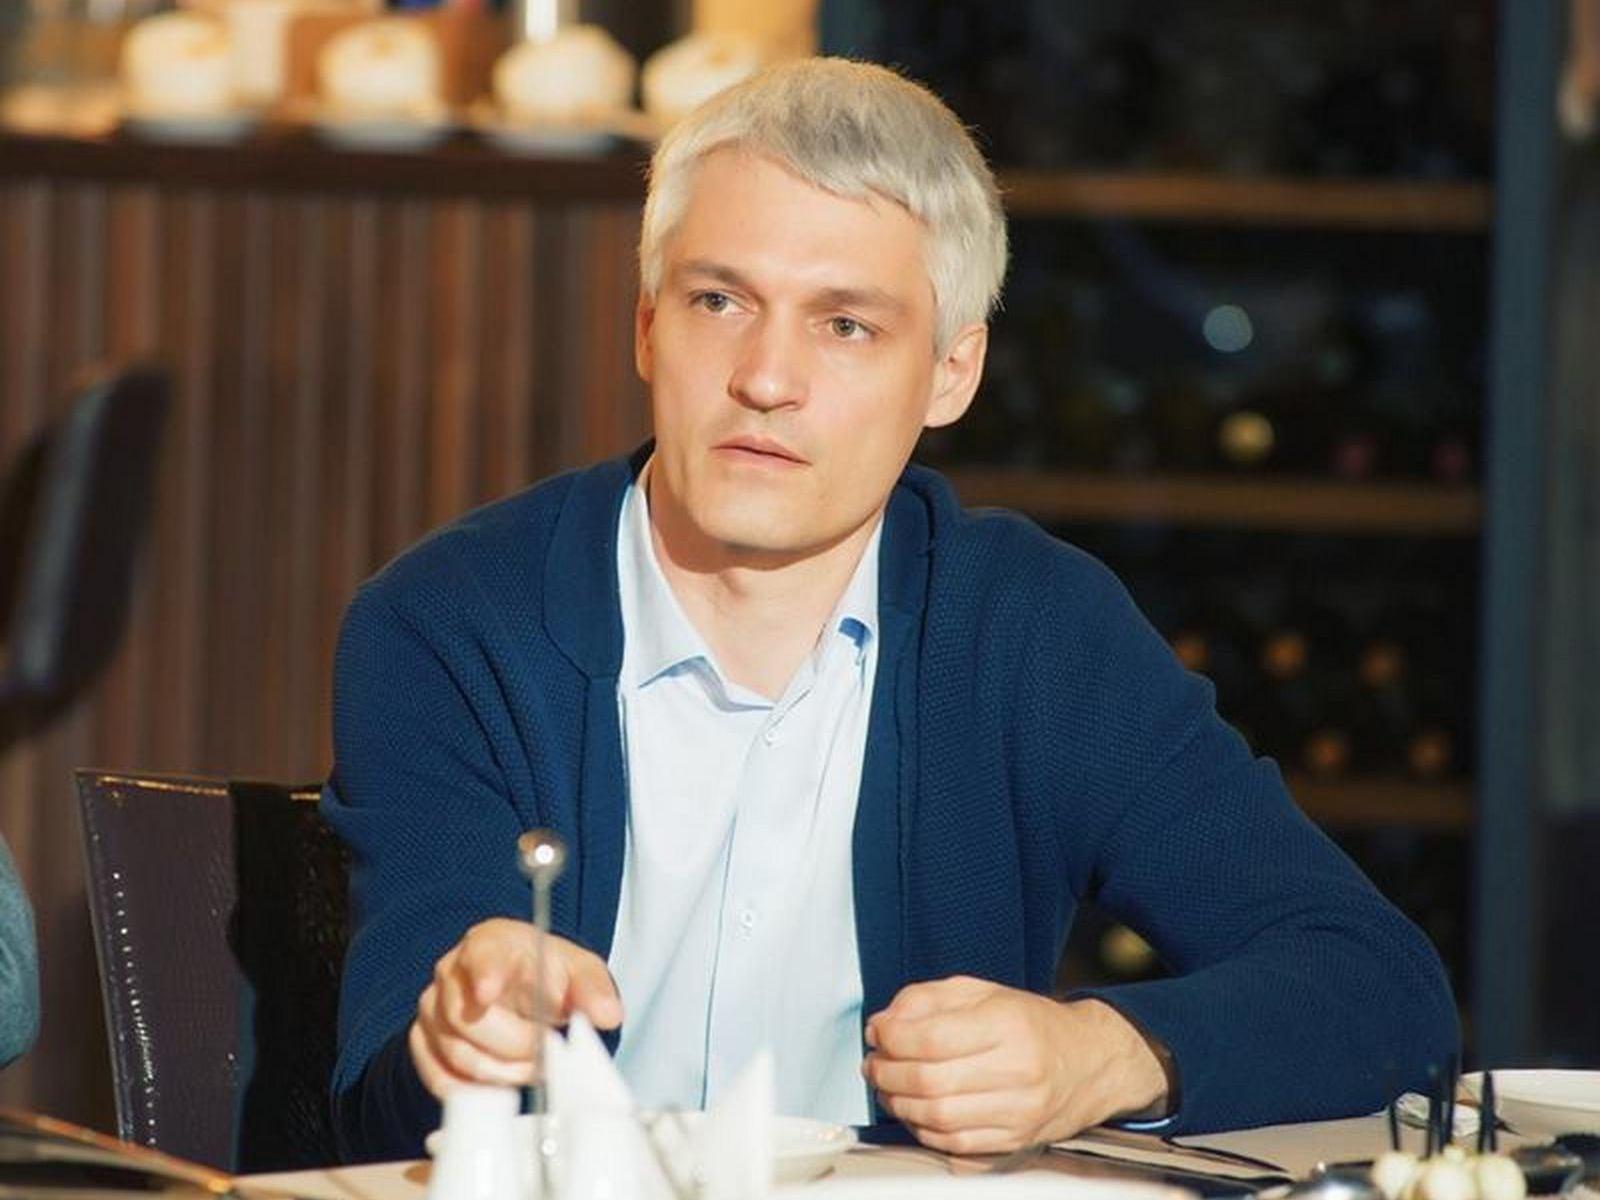 Дмитрий Кошелев. Почему нас не заменят роботы: Секреты выбора профессии для взрослых